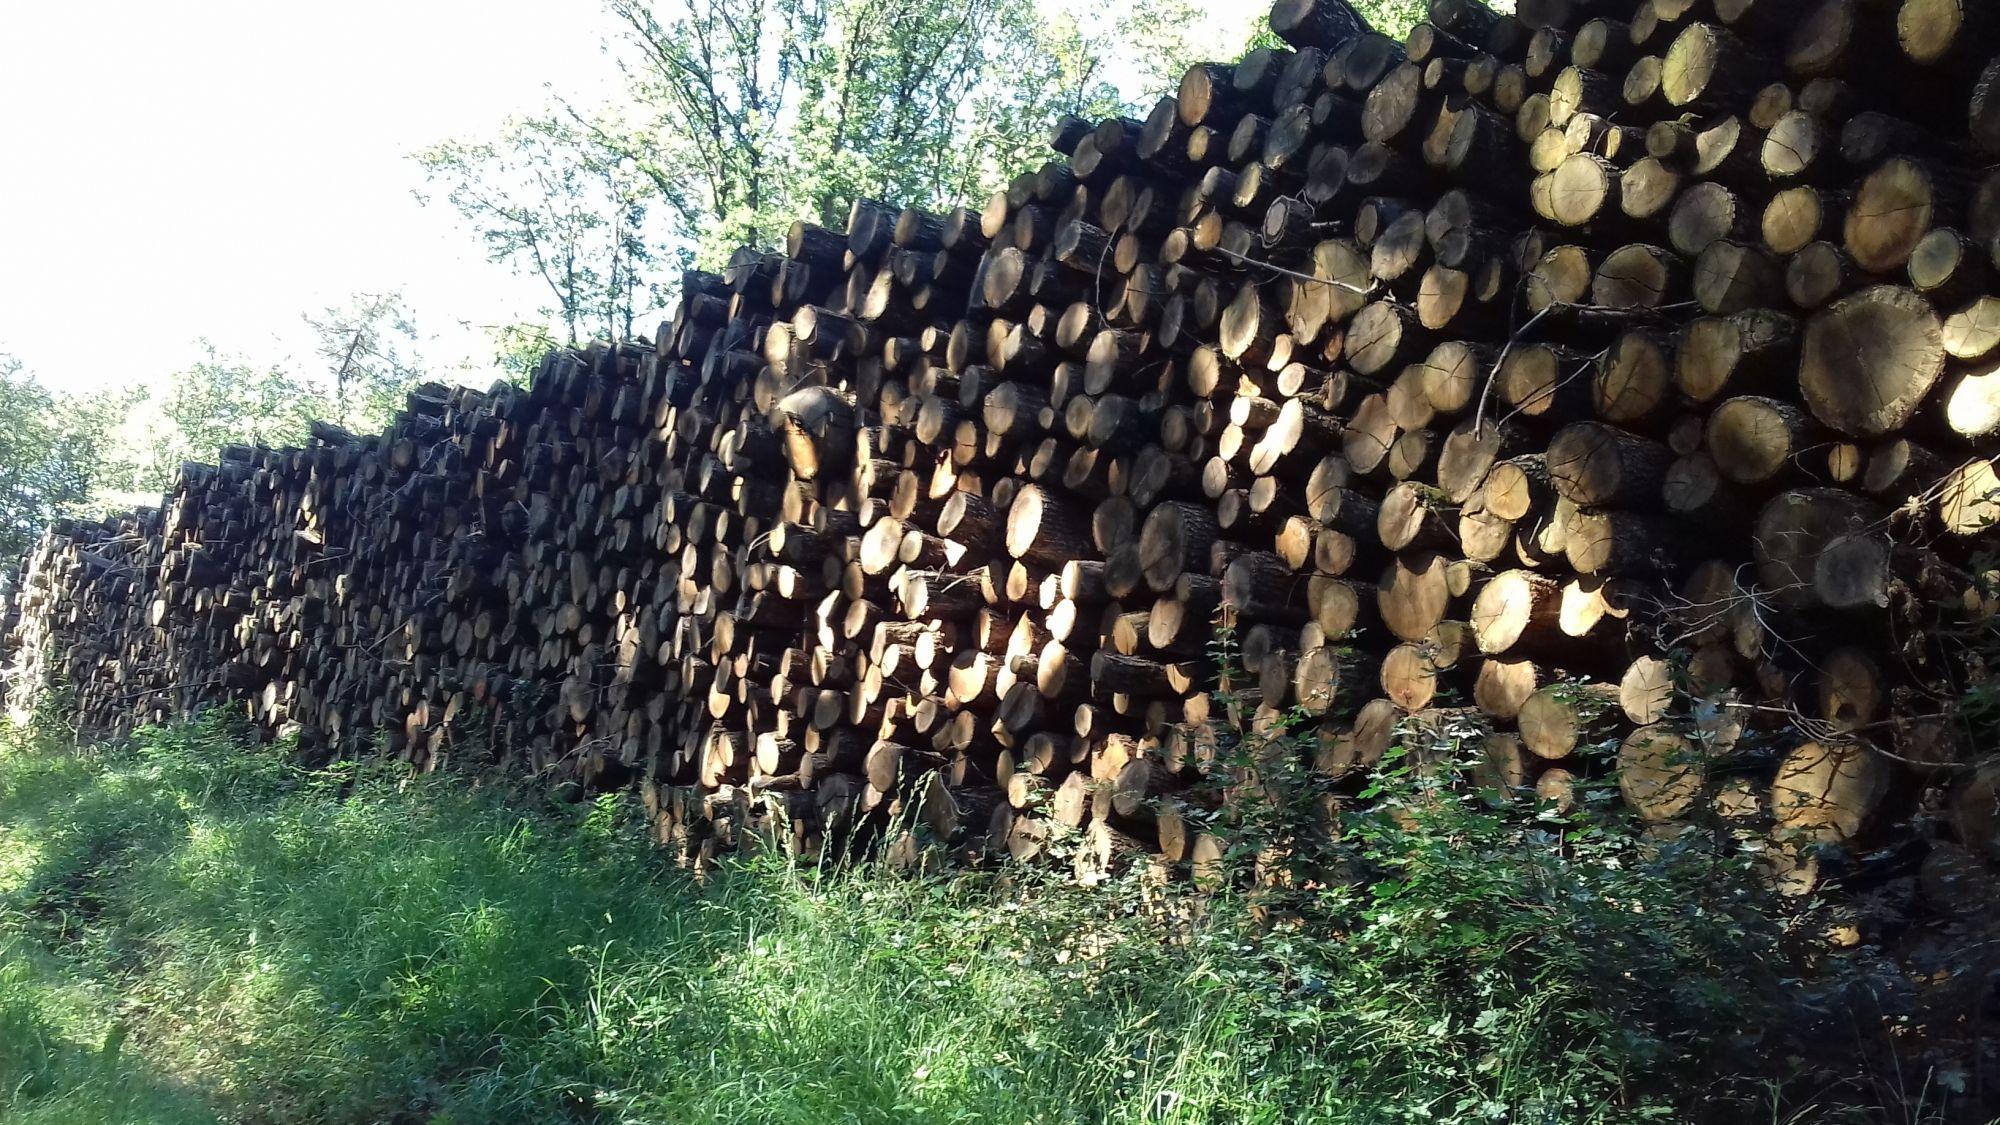 bois de chauffage 24site internet pour revendeur de combustible bois dans la Dordogne